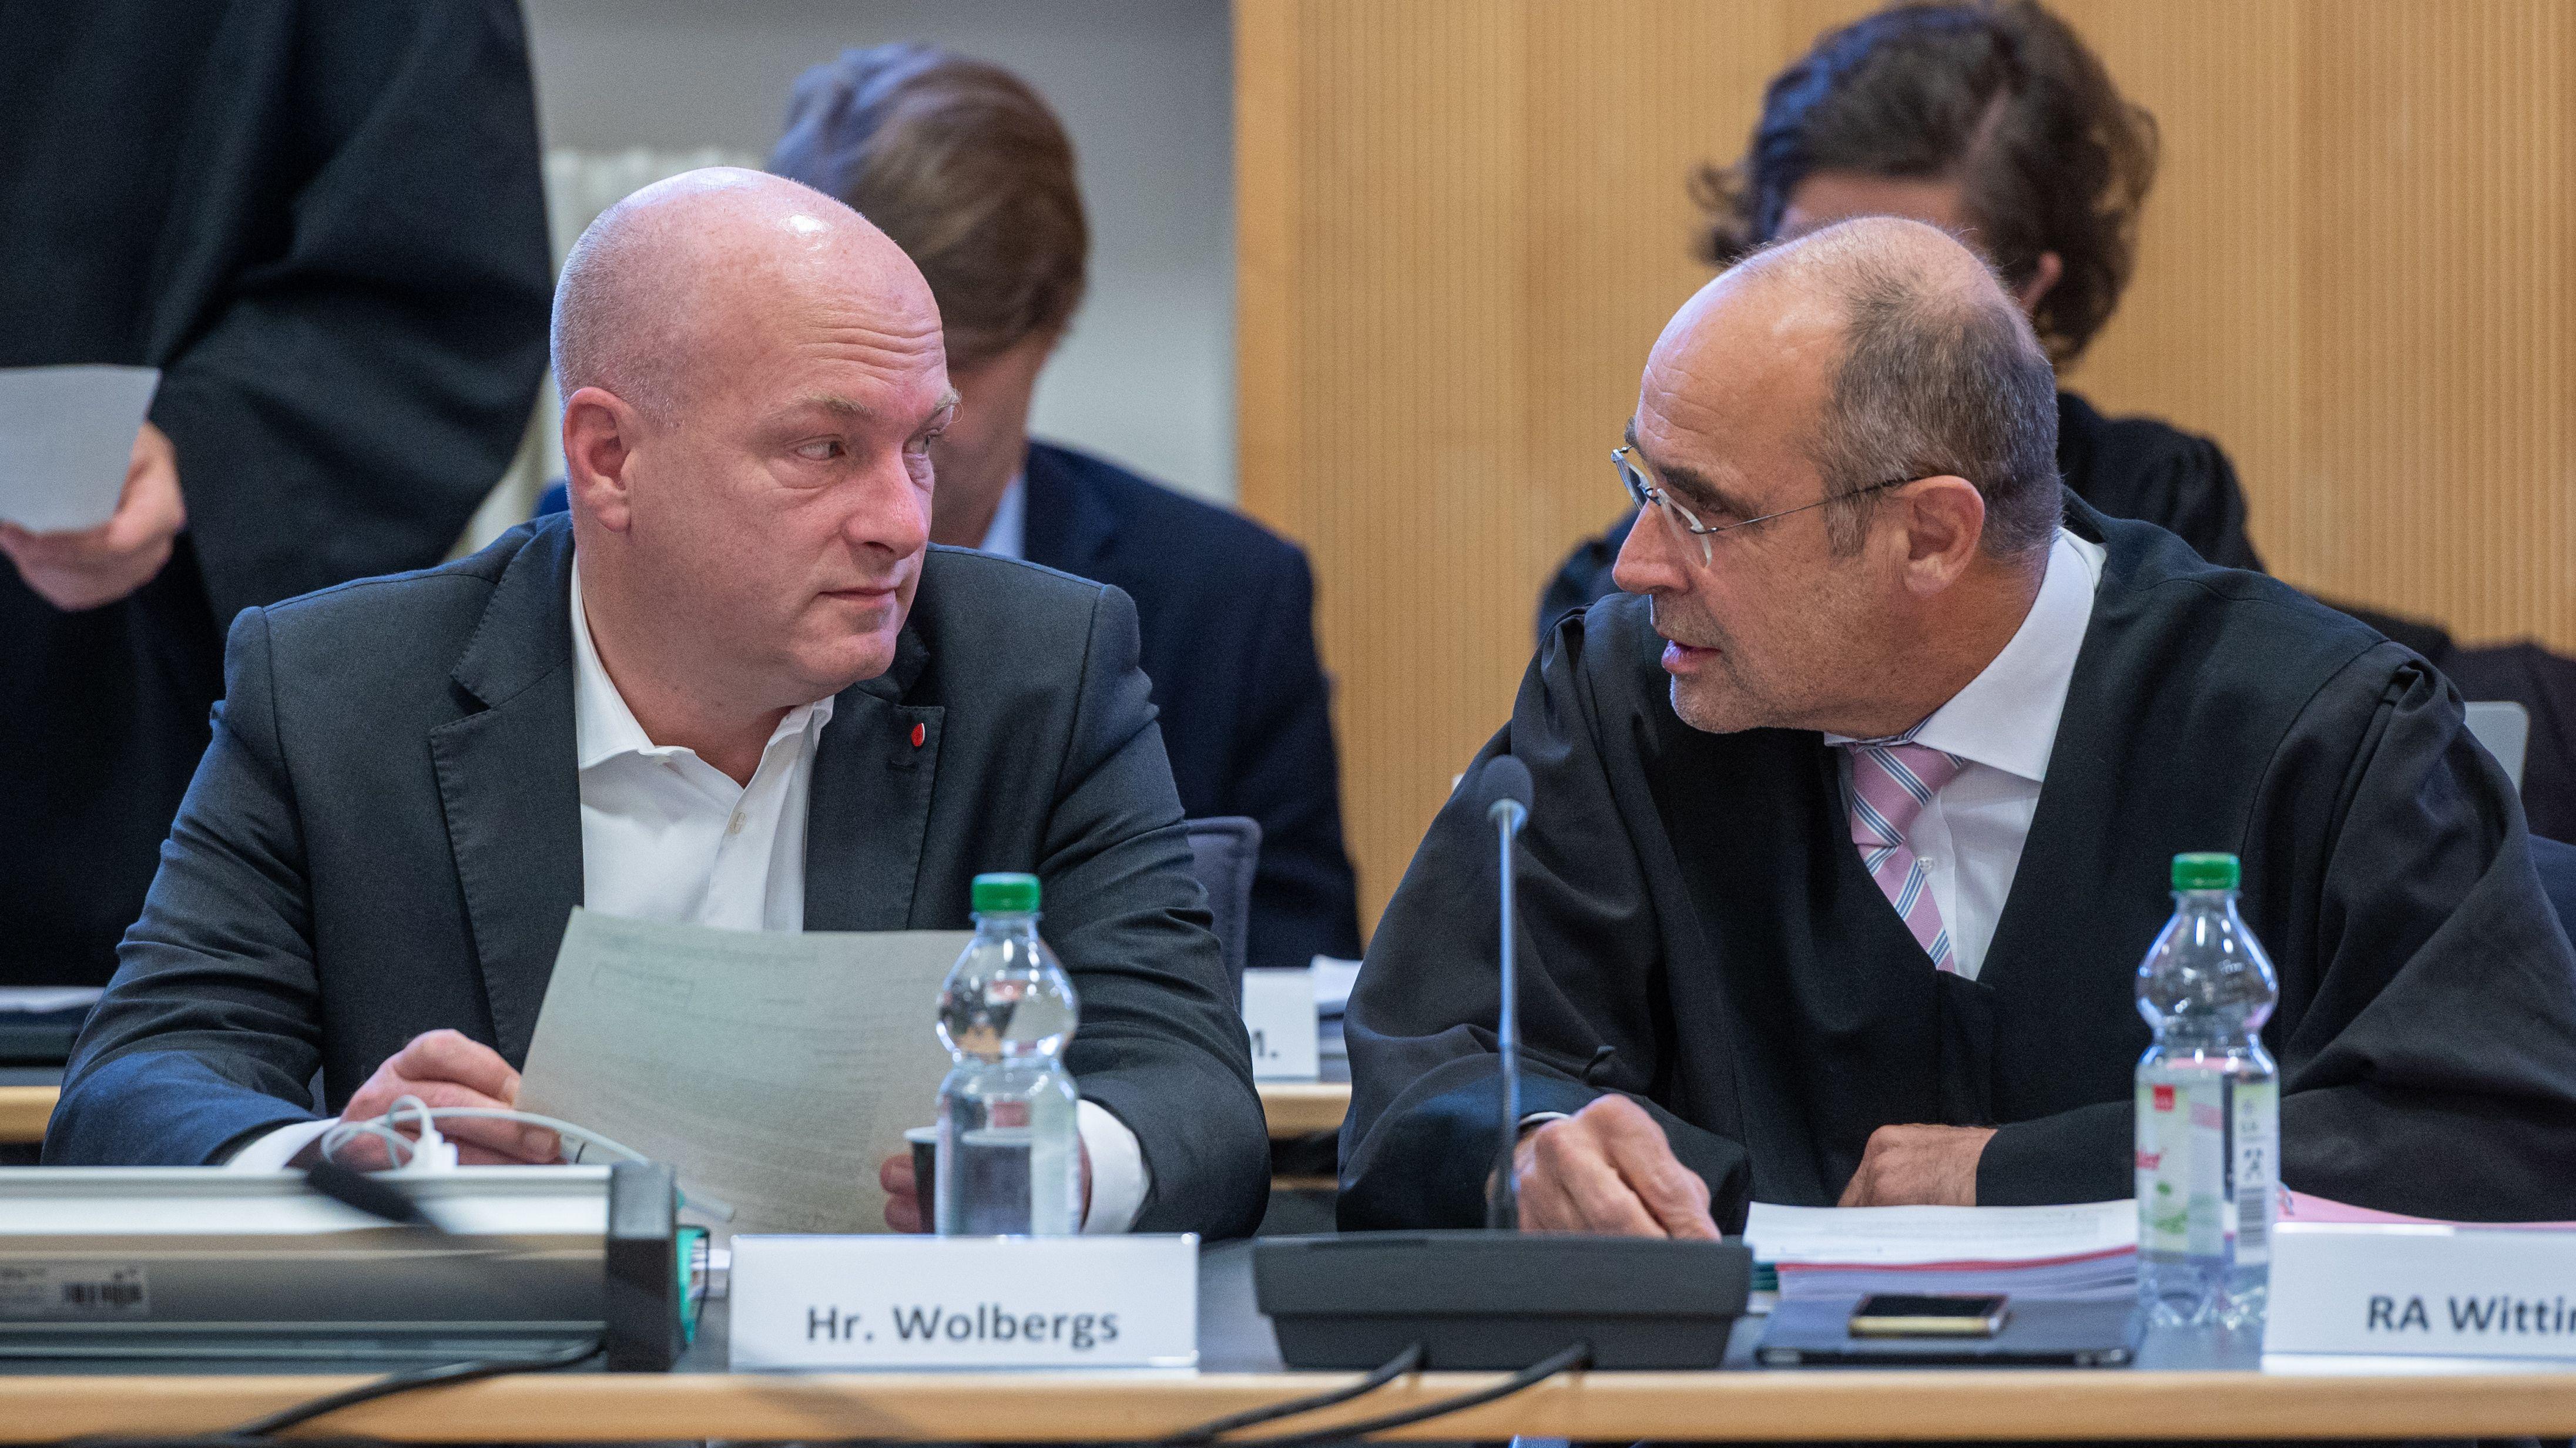 Joachim Wolbergs (l), suspendierter OB von Regensburg, sitzt im Verhandlungssaal im Landgericht neben seinem Verteidiger Peter Witting.